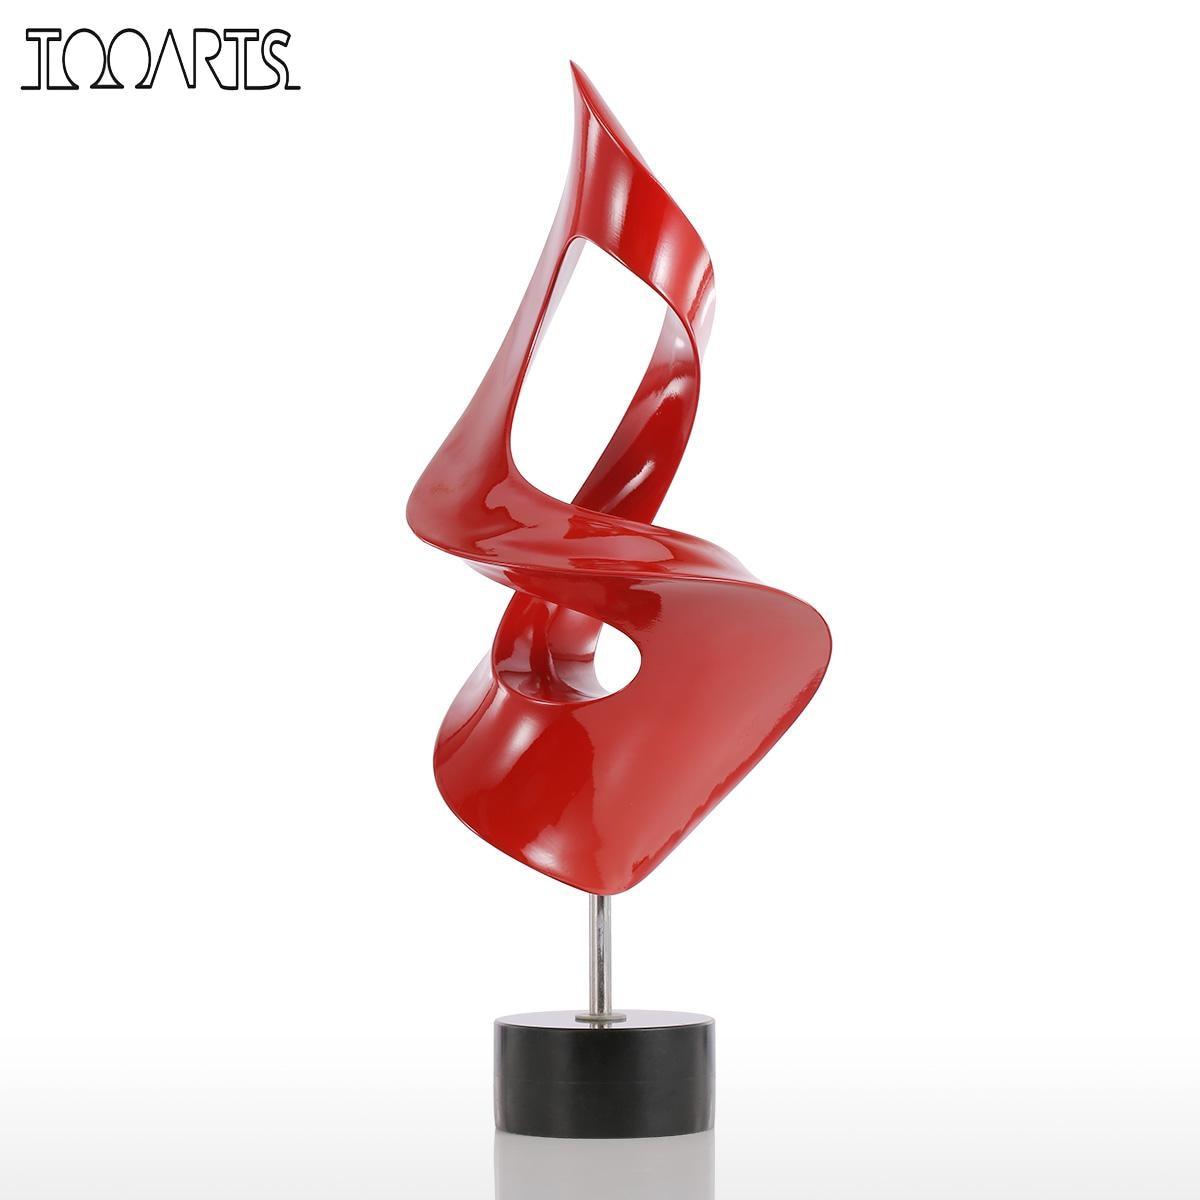 Tooarts Tomfeel Torch маленький размер Современная Скульптура абстрактная скульптура смола скульптура украшение дома аксессуары миниатюрный Декор